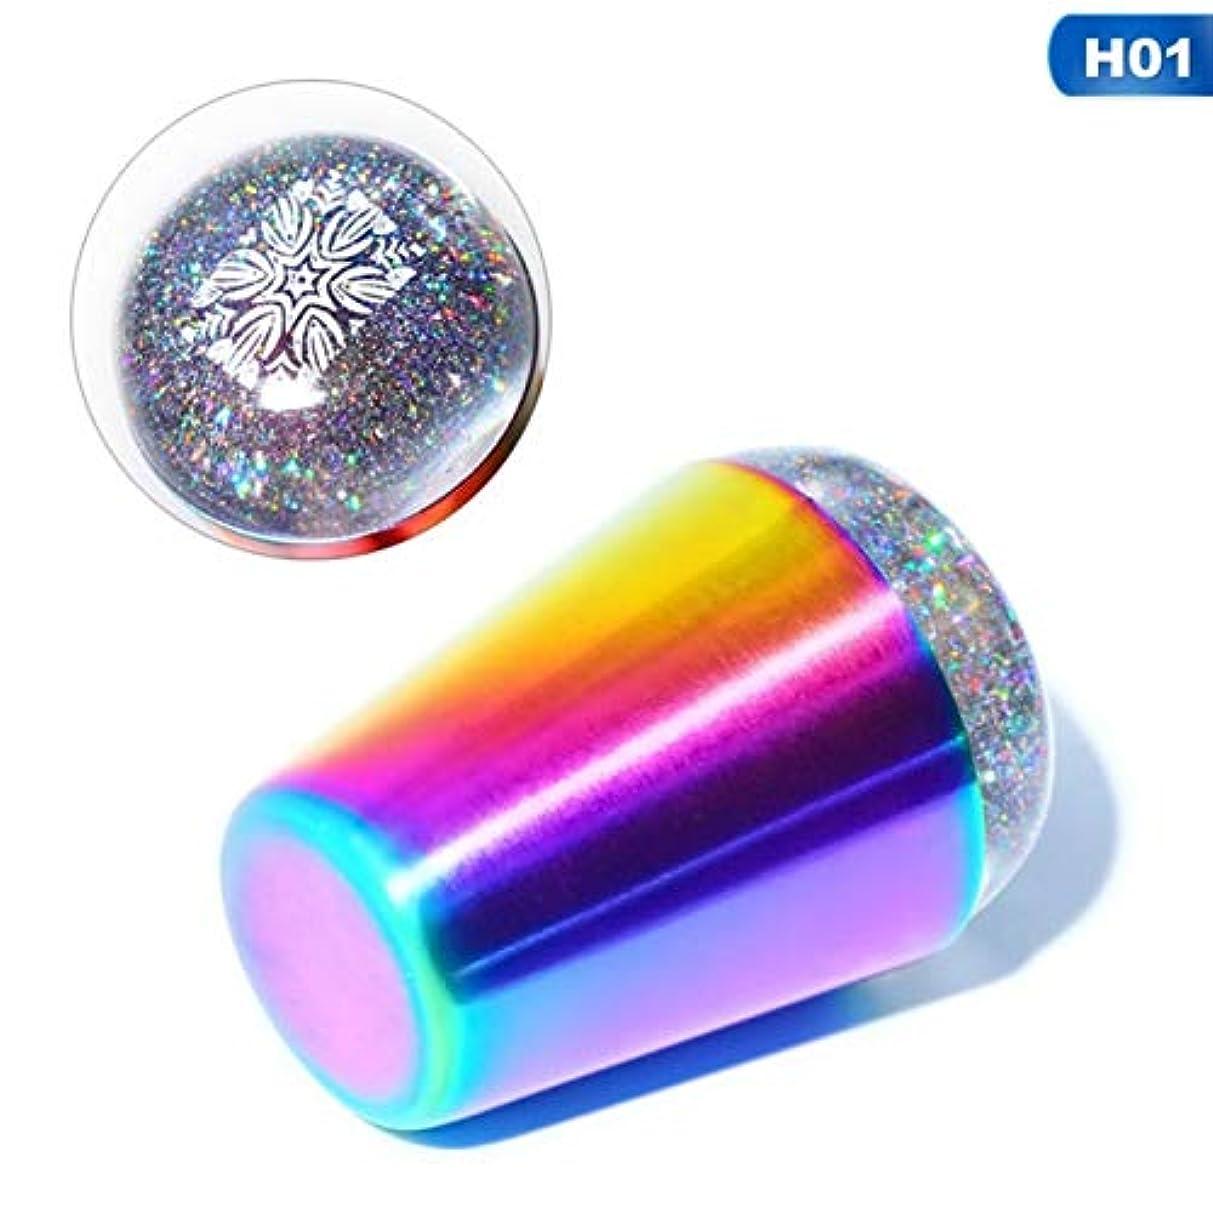 二層スカープ逃げるQuzama-JS 甘い透明な釘スタンパースクレーパーホログラフィック虹ハンドルネイルアートツール(None A)